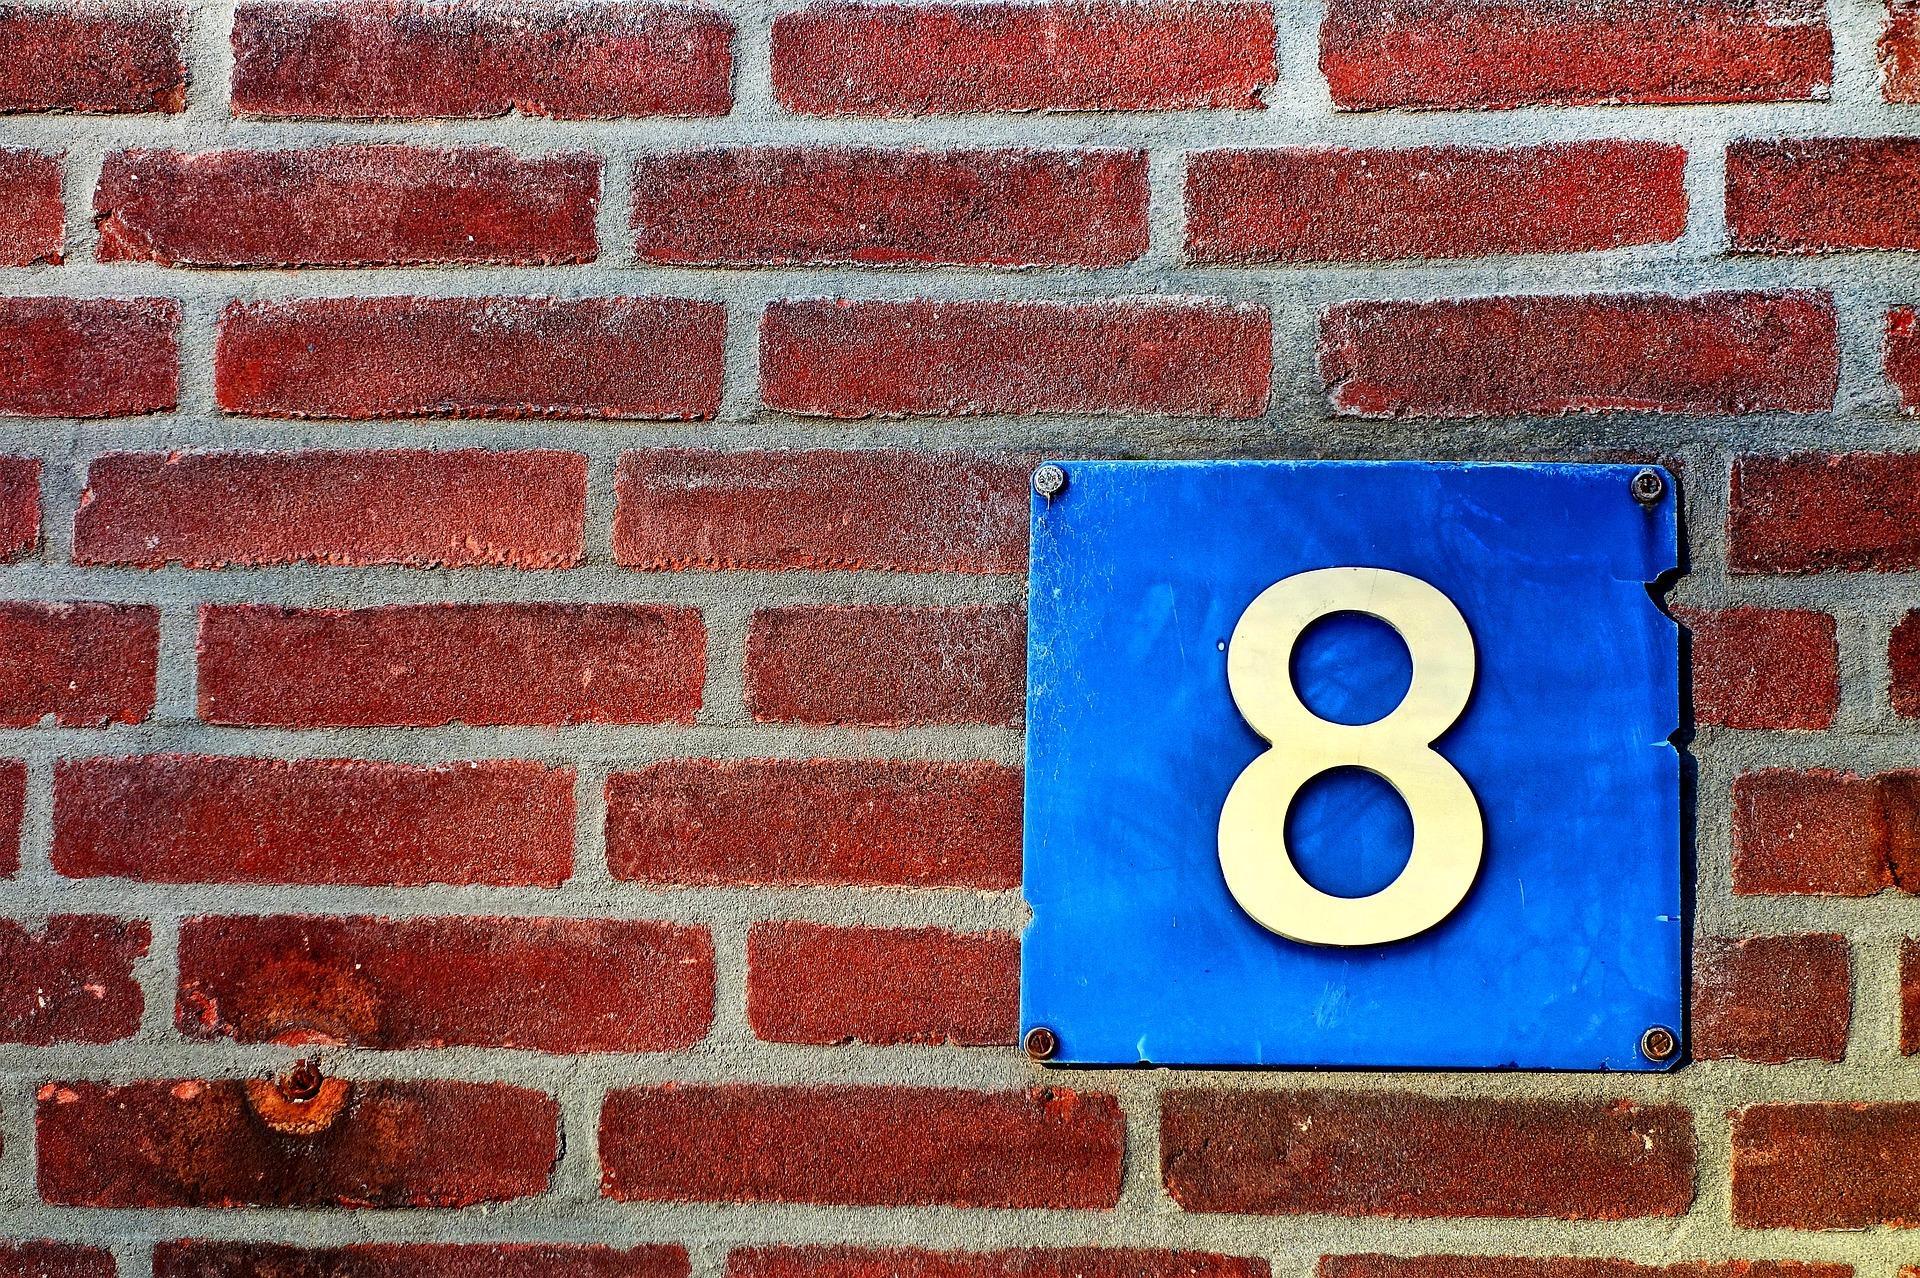 Bild Hausnummer, Quelle: Bild von Mabel Amber auf Pixabay